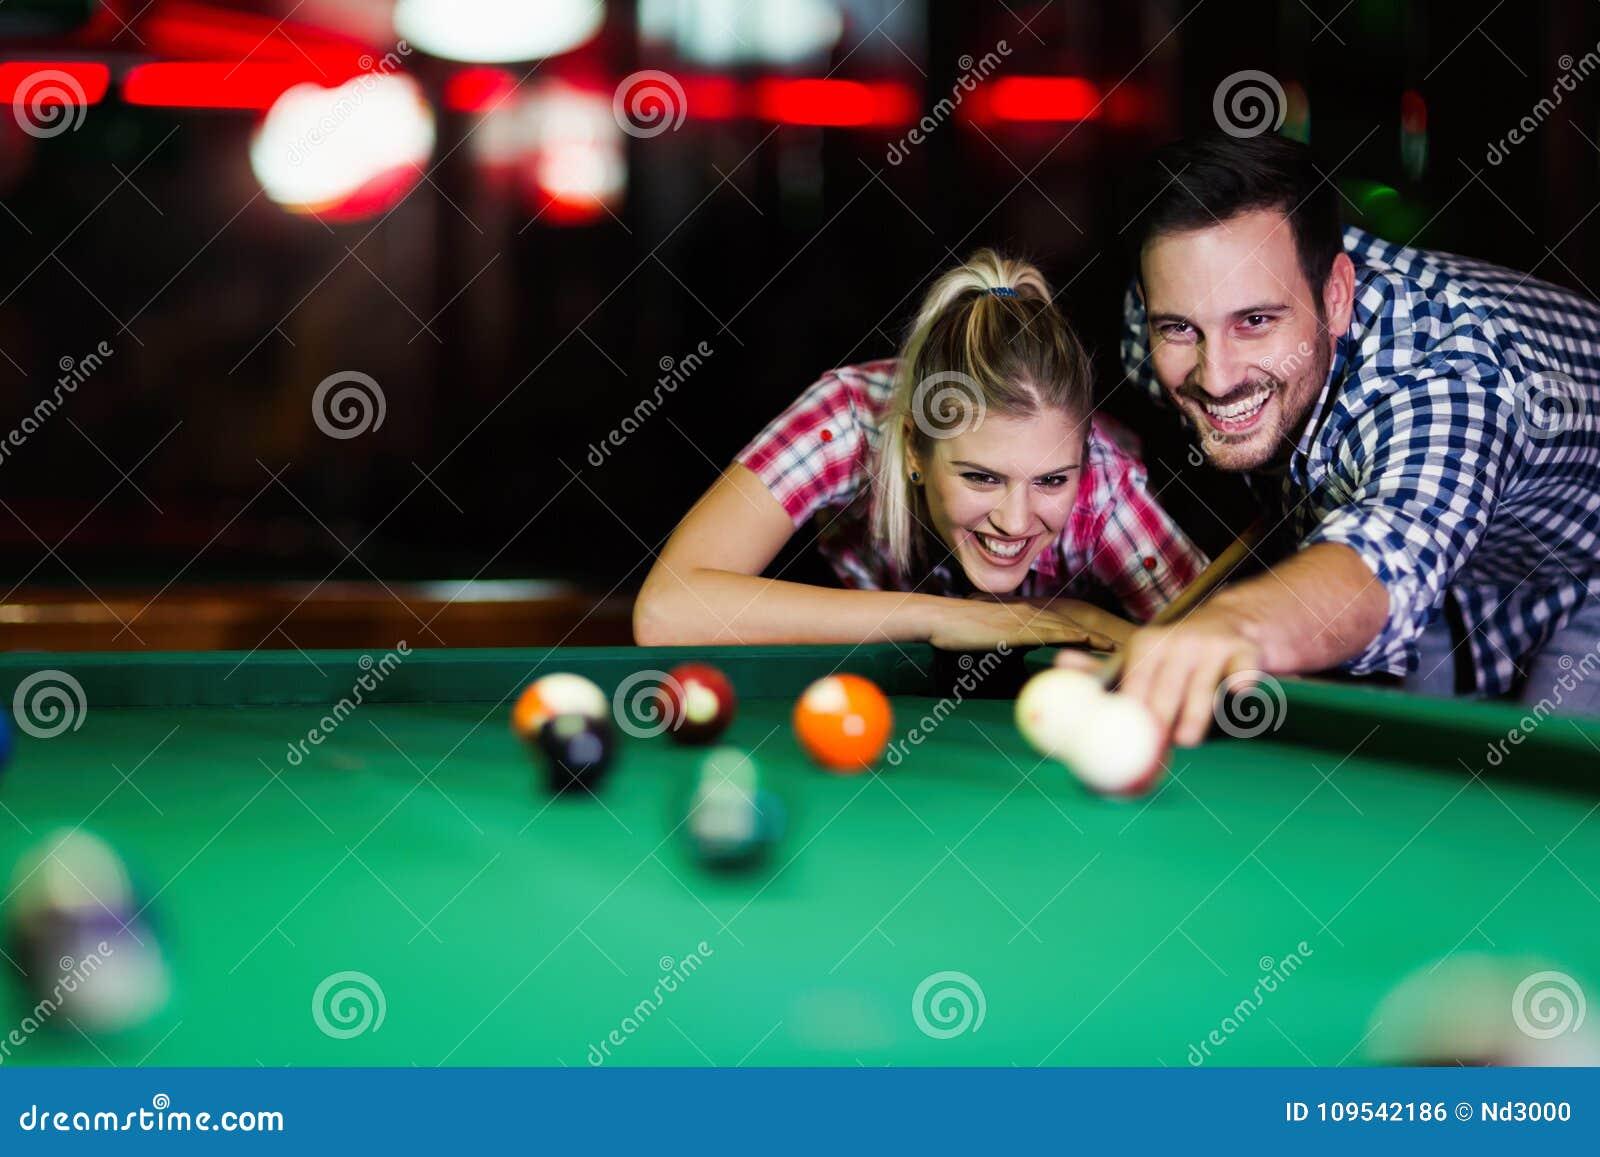 Jonge paar het spelen snooker samen in bar